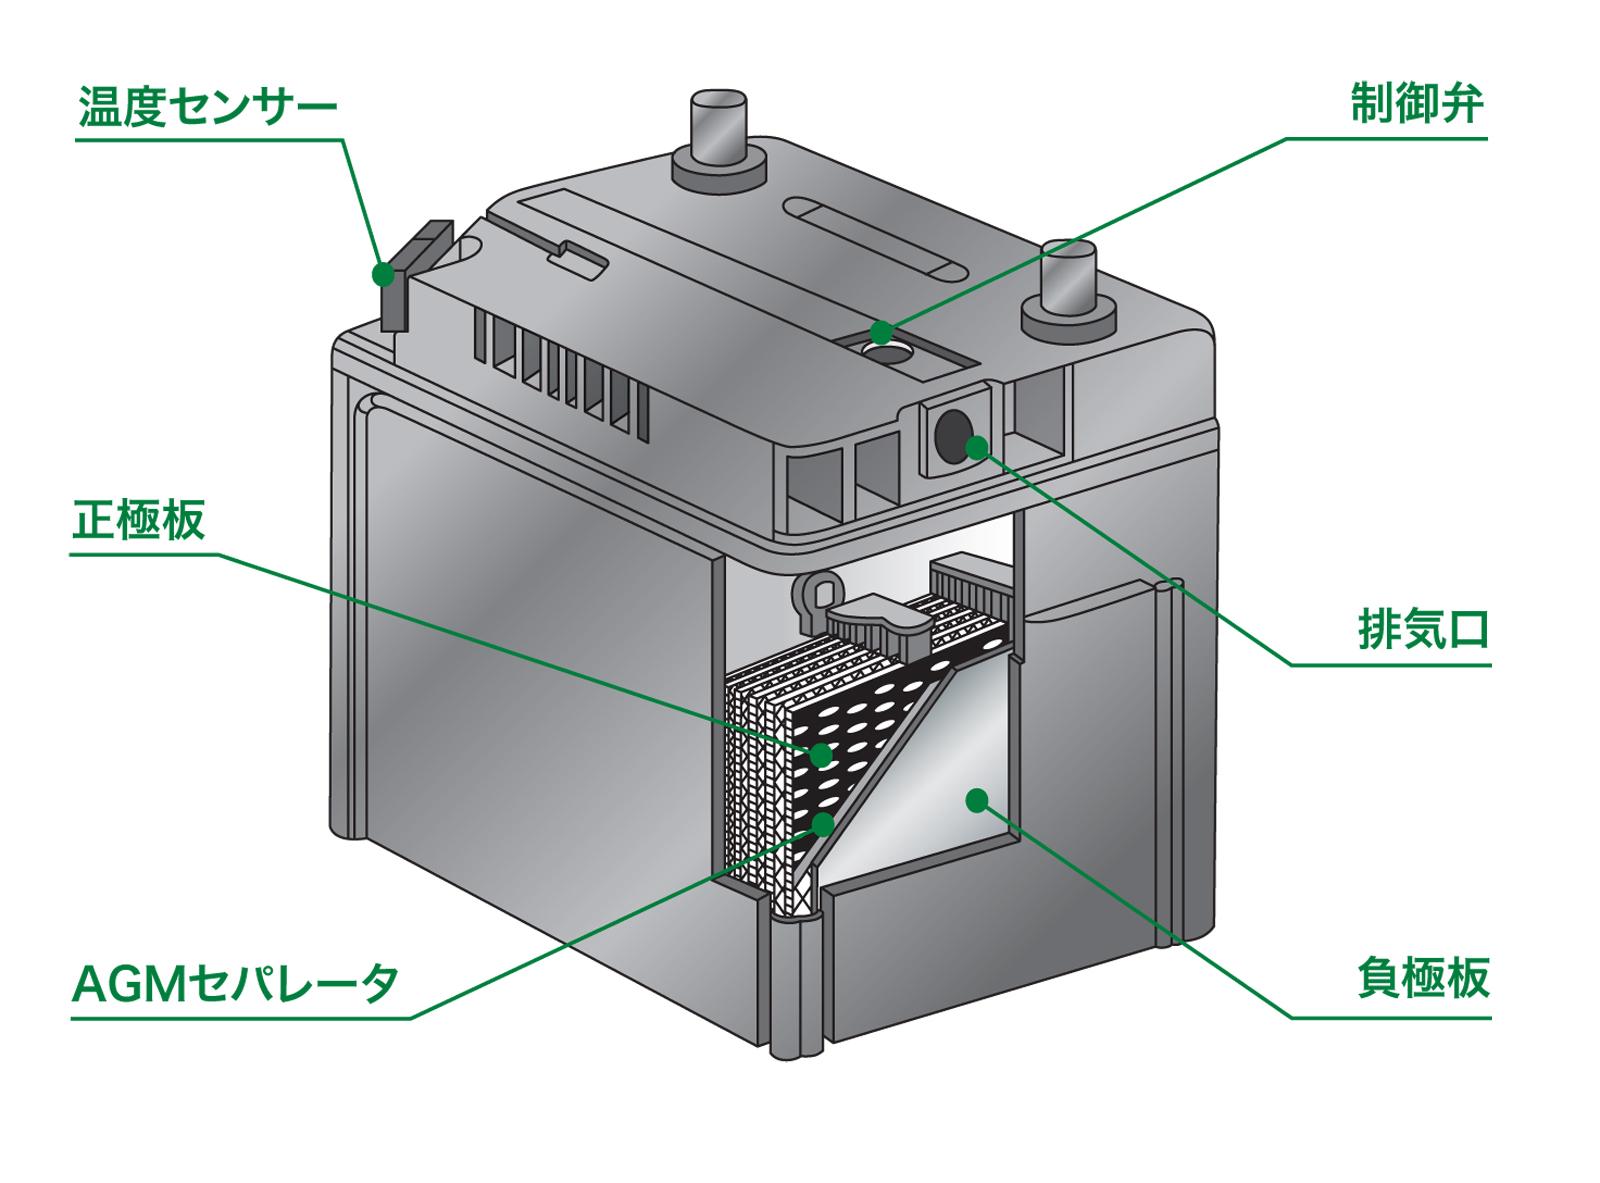 市販用「ハイブリッド車補機用バッテリー(N-S34B20R/HV)」を発売 ~ブルーバッテリーシリーズ カオスブランド商品~